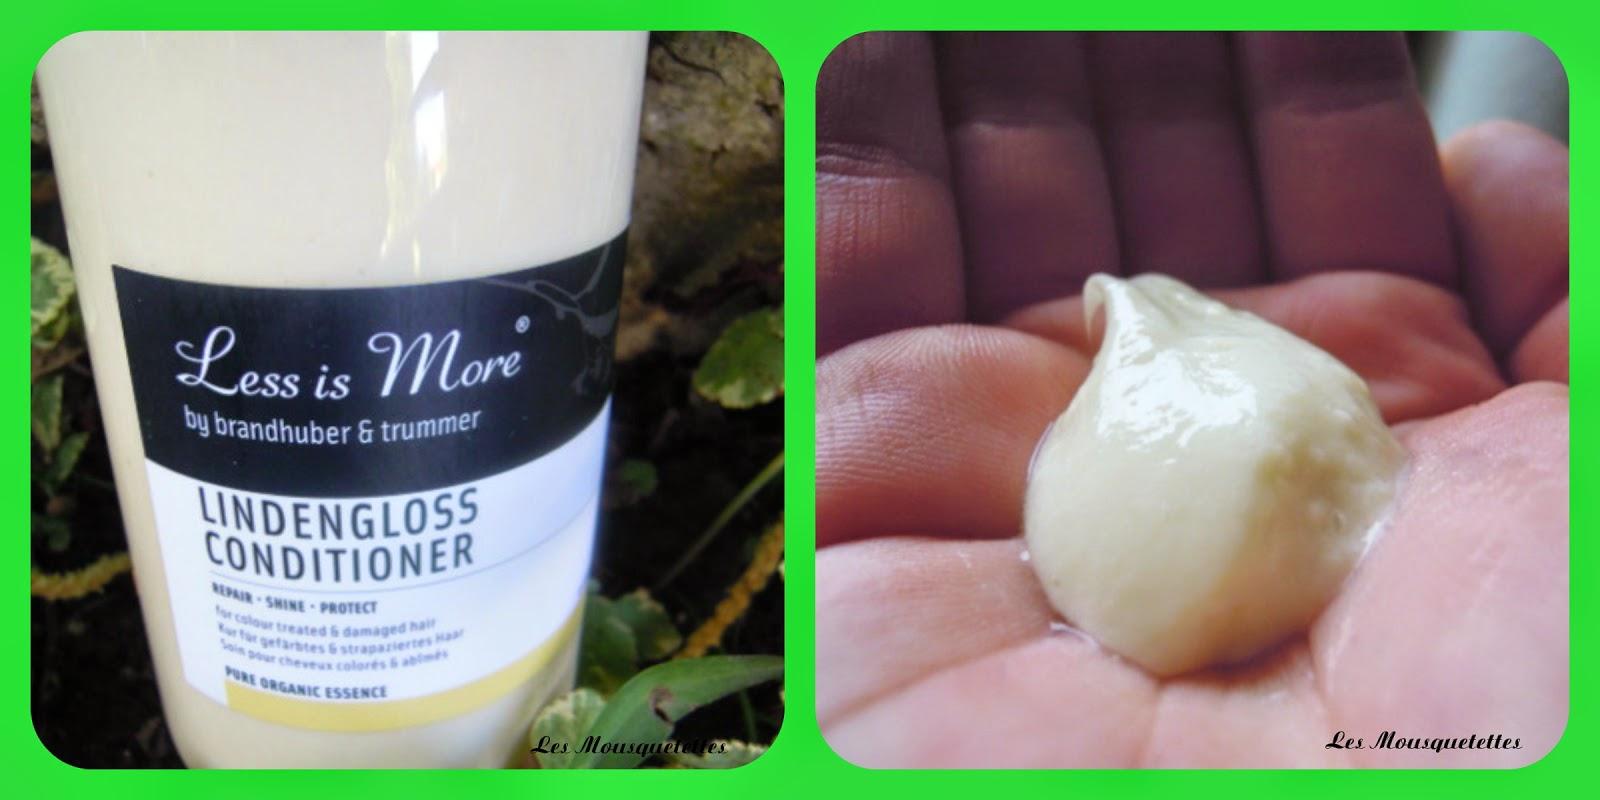 Après-shampoing Lindengloss Less is More - Les Mousquetettes©